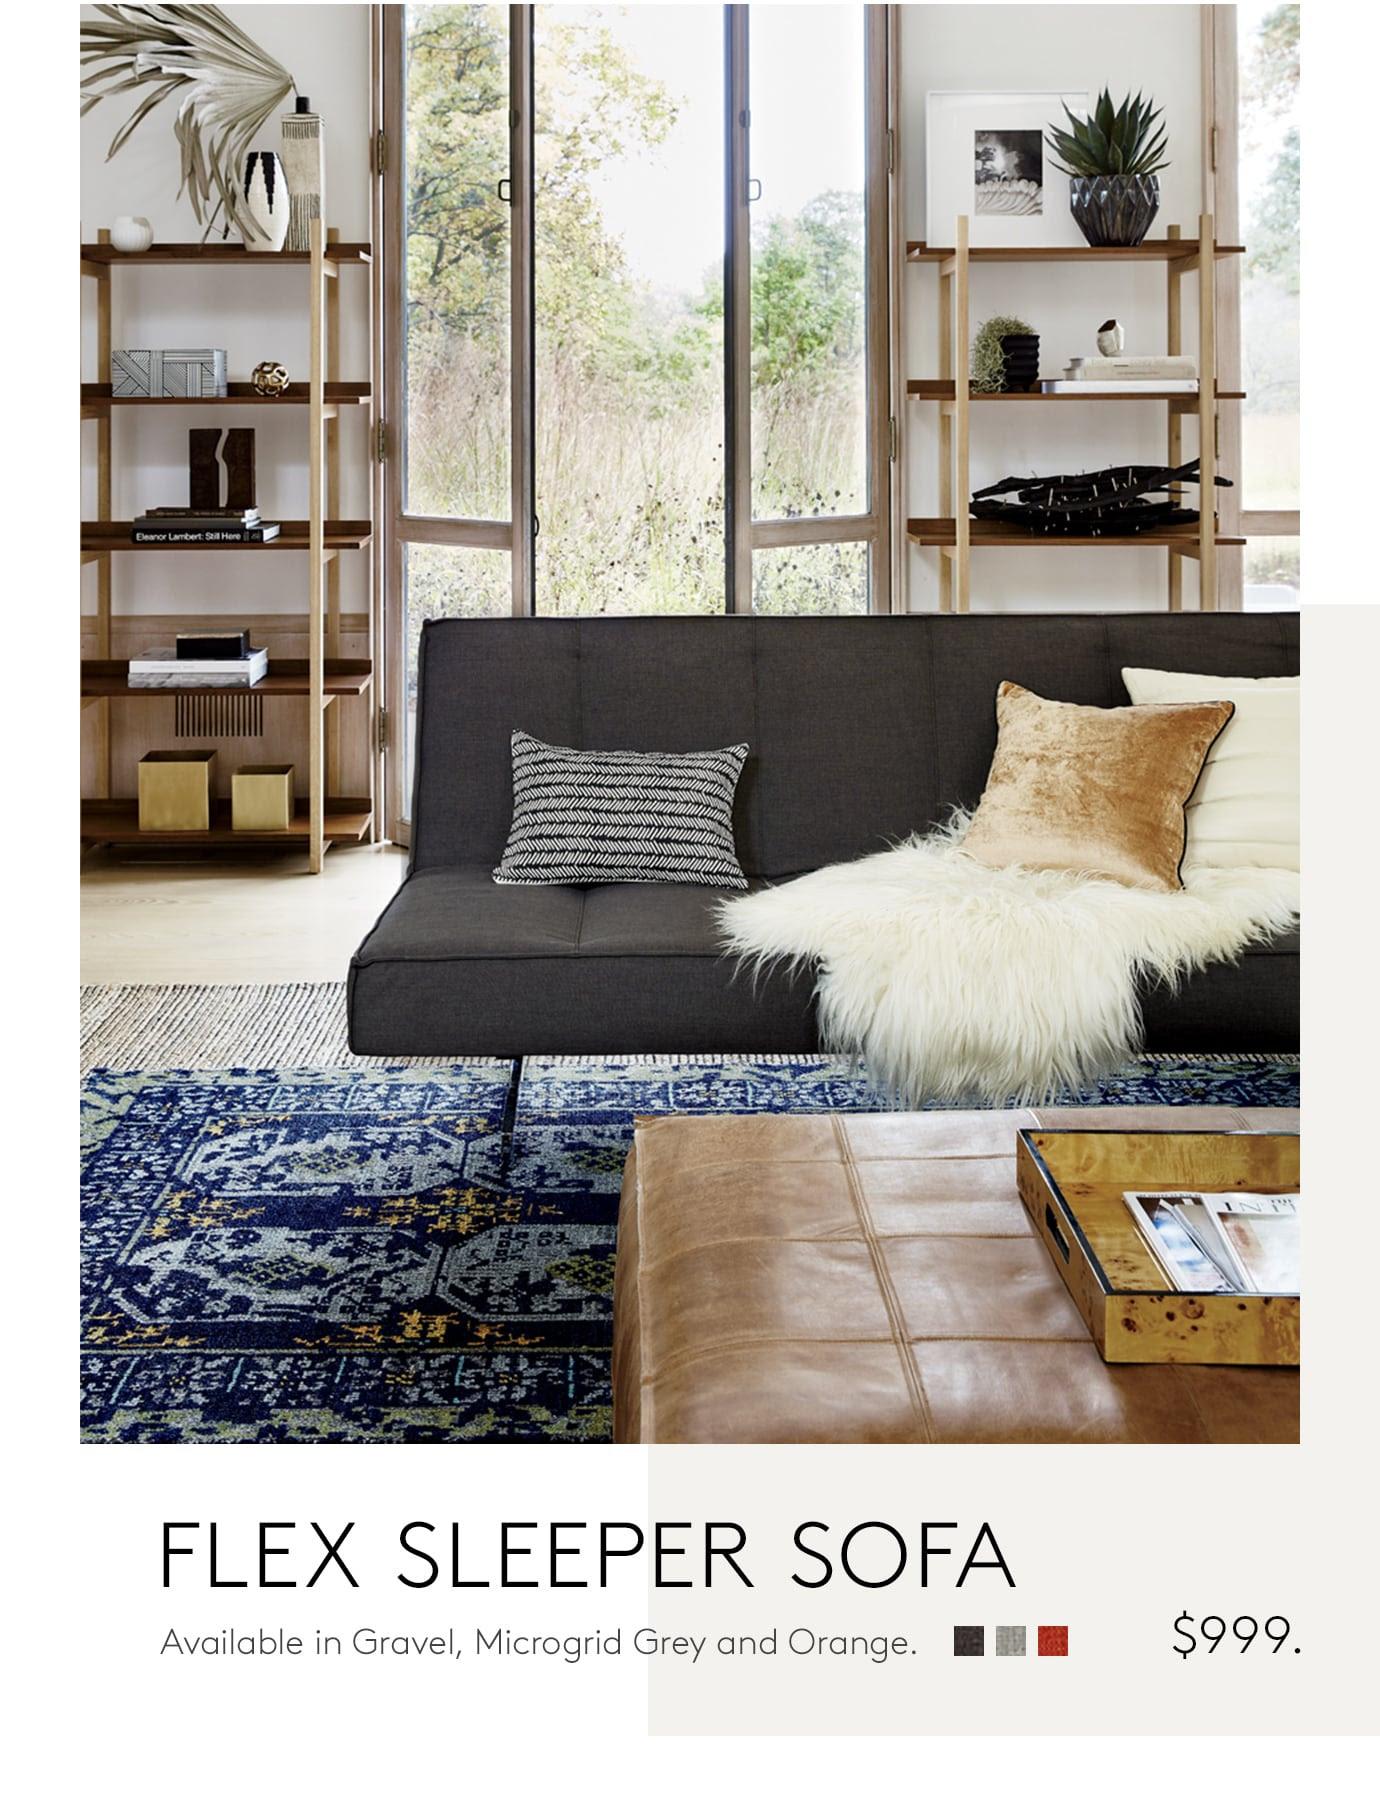 flex sleeper sofa